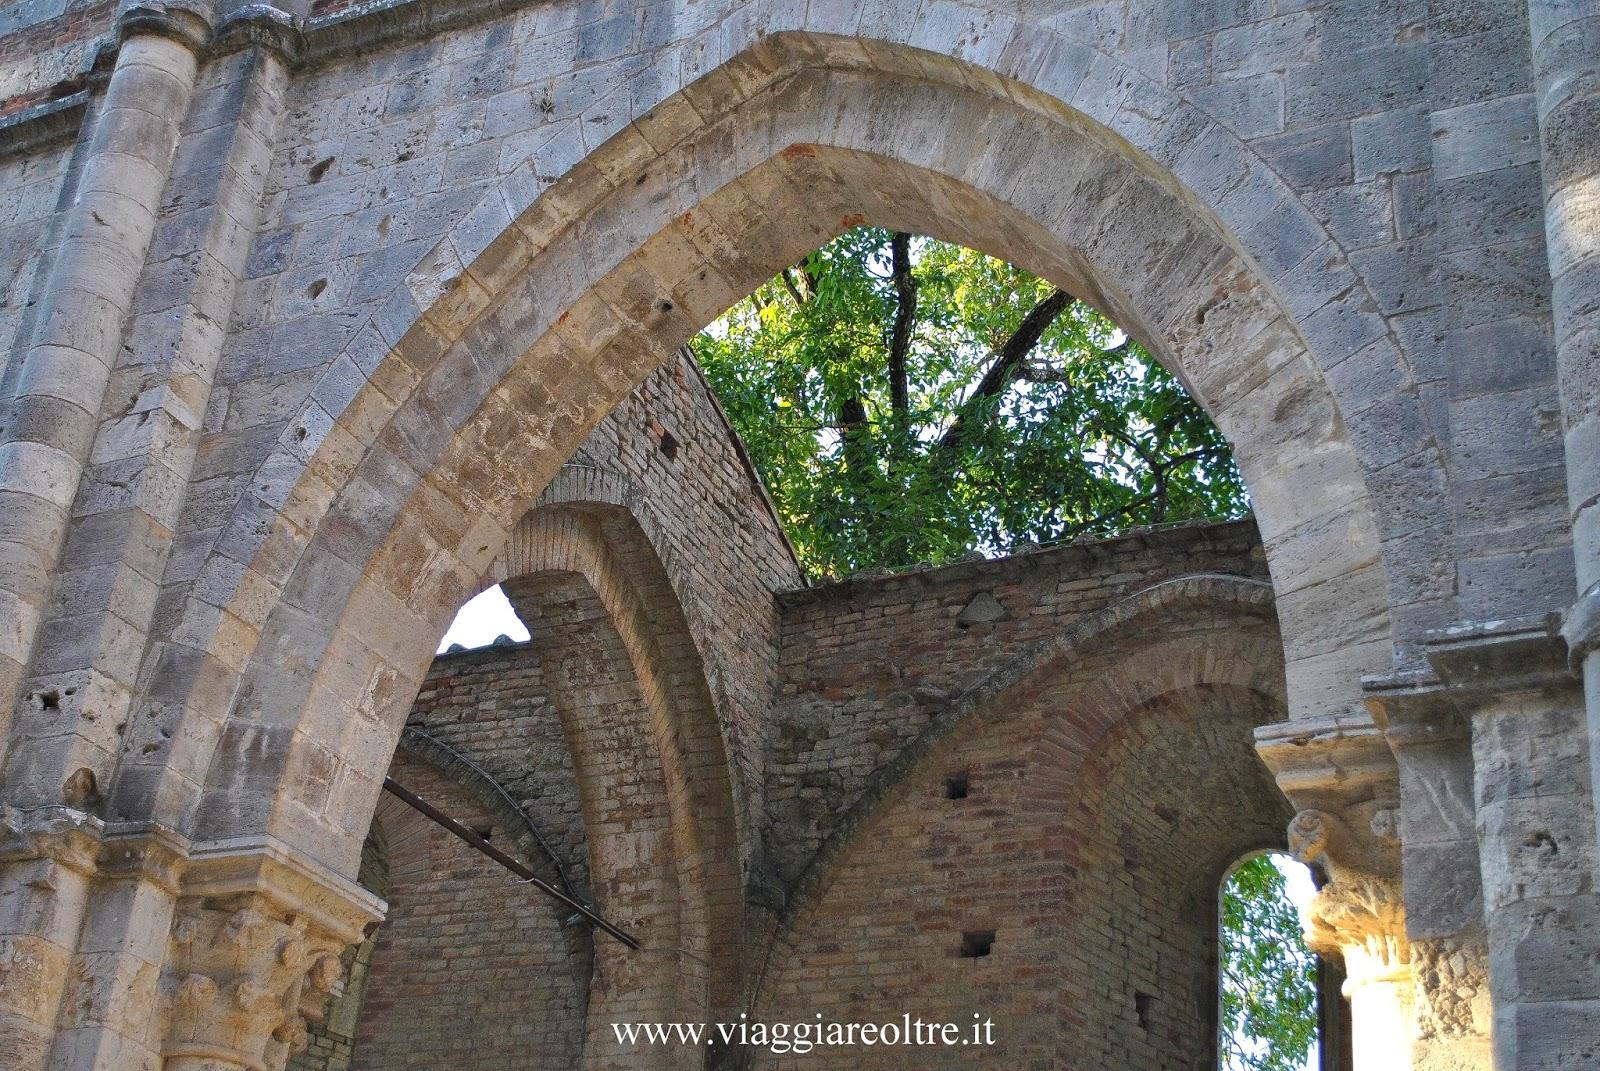 Luoghi da non perdere in toscana l 39 abbazia di san galgano for Giardino di ninfa cosa vedere